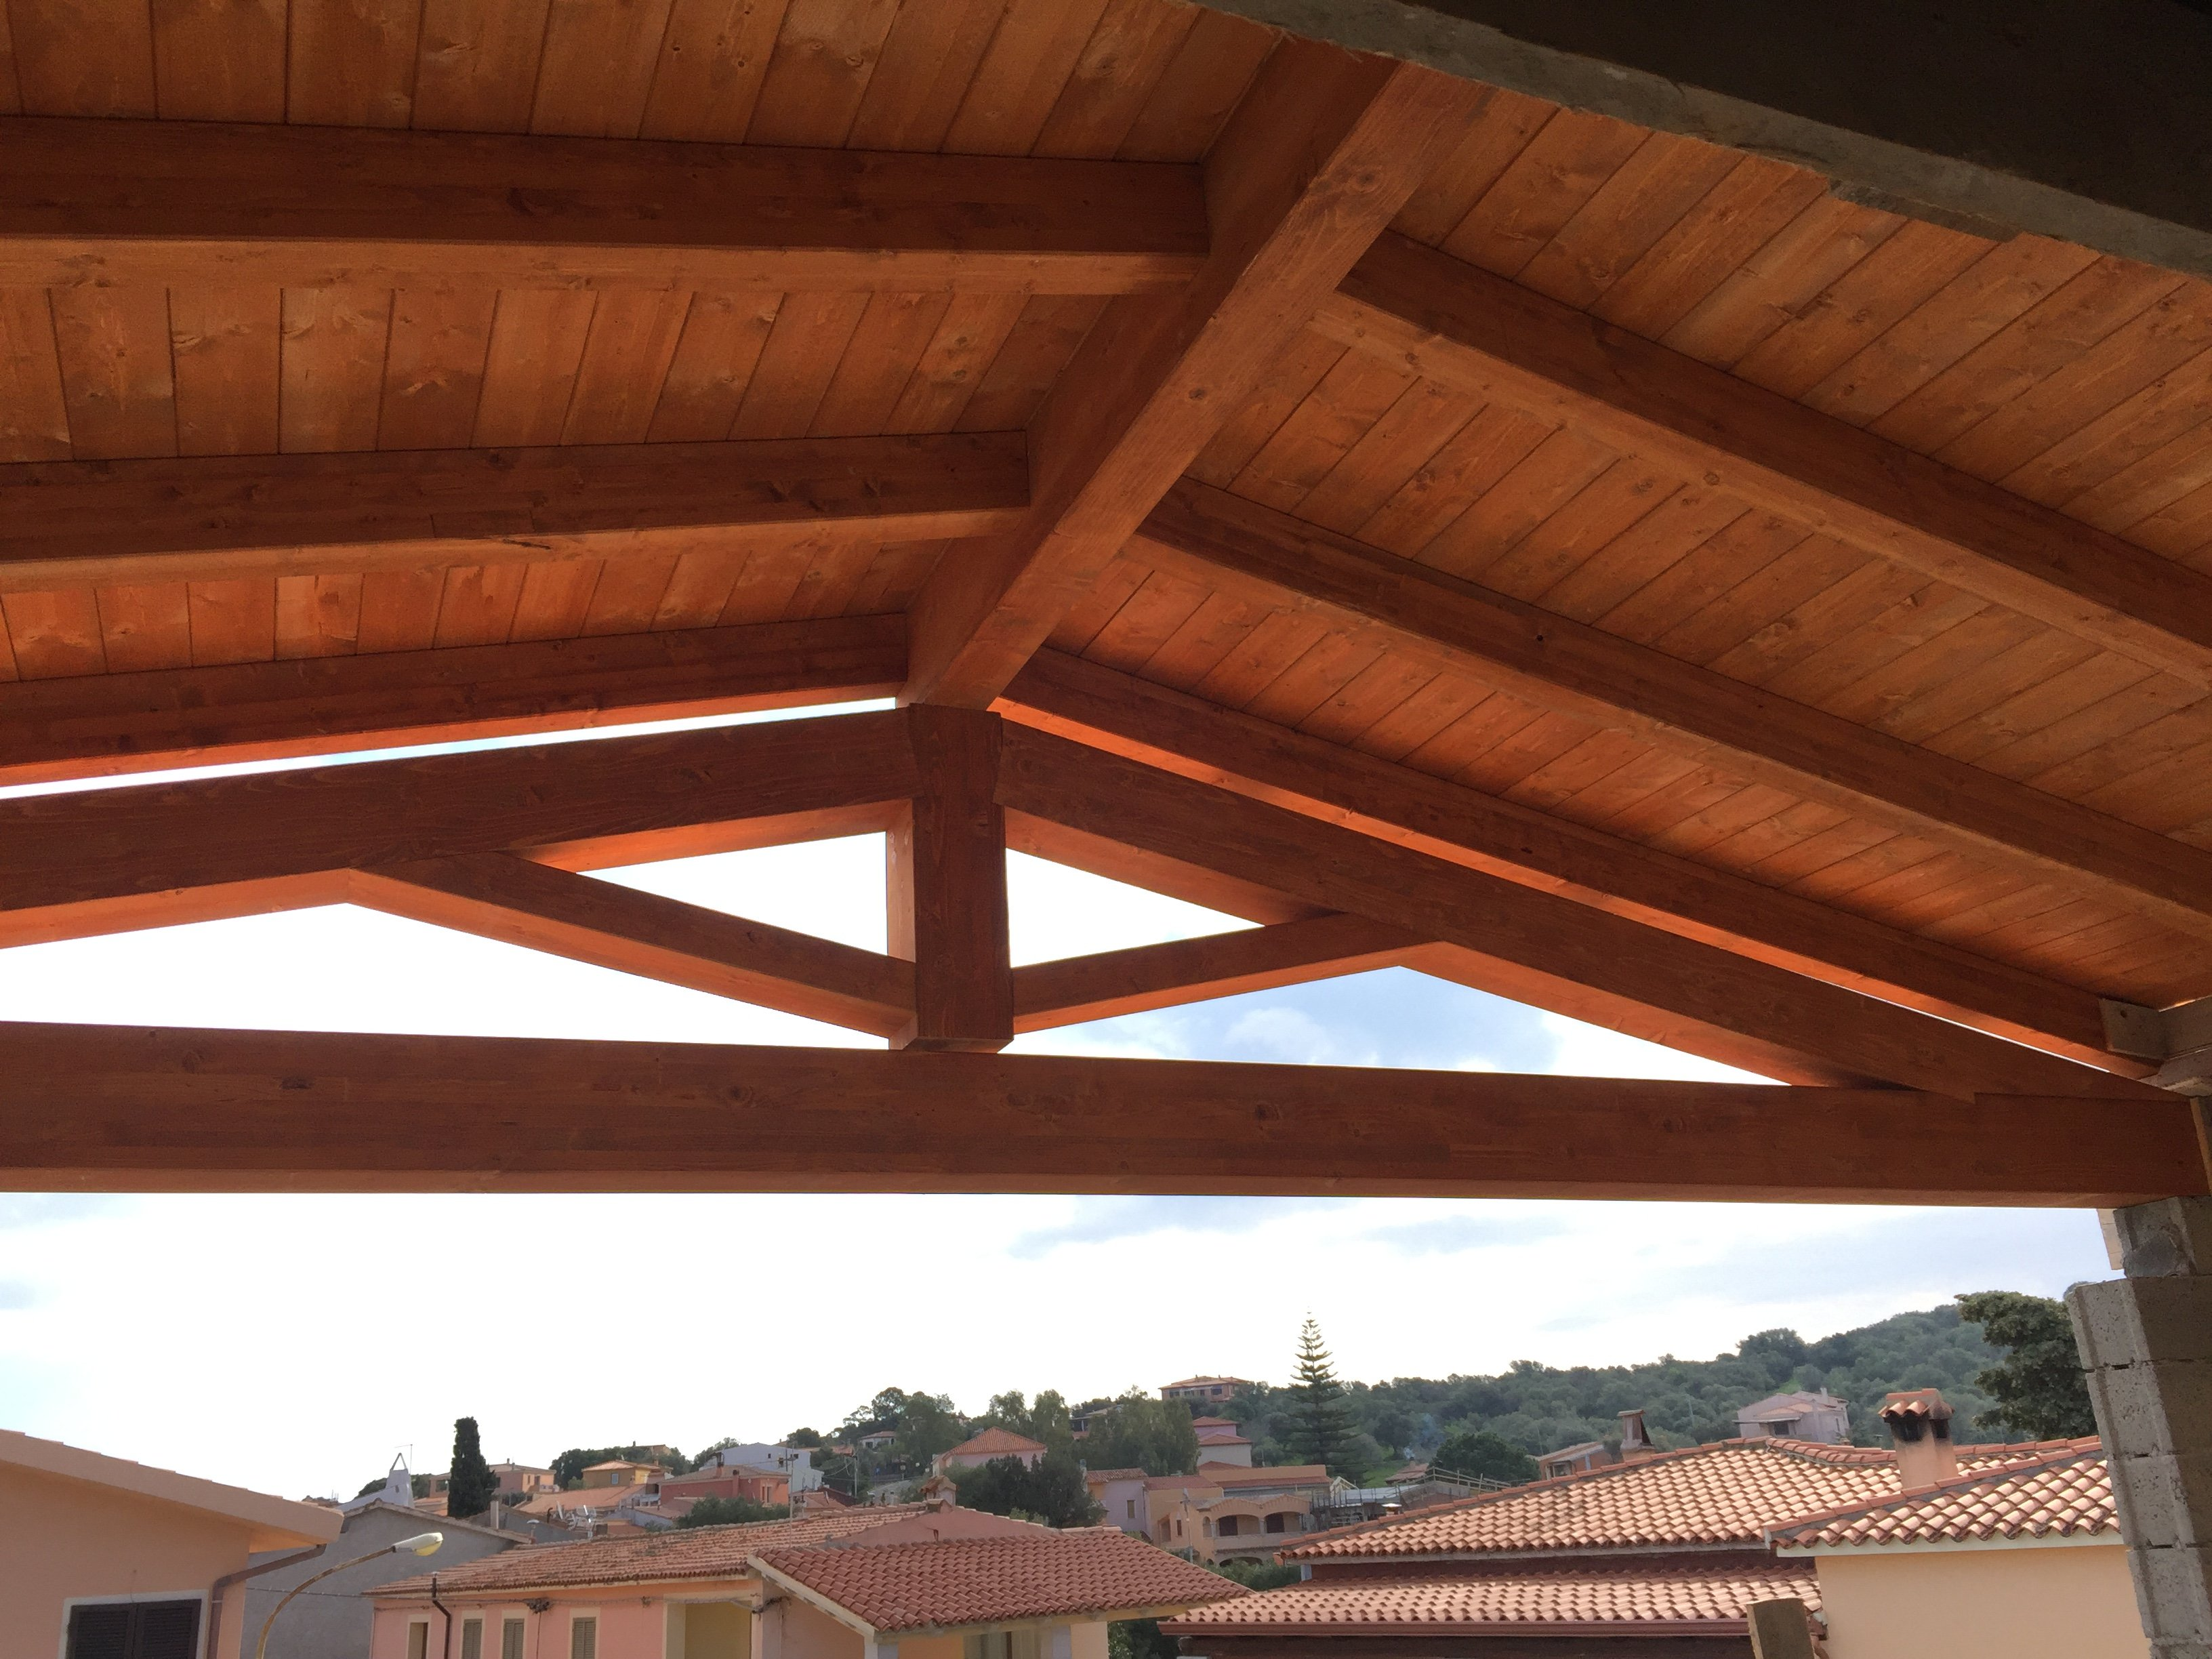 Struttura in legno di un tetto